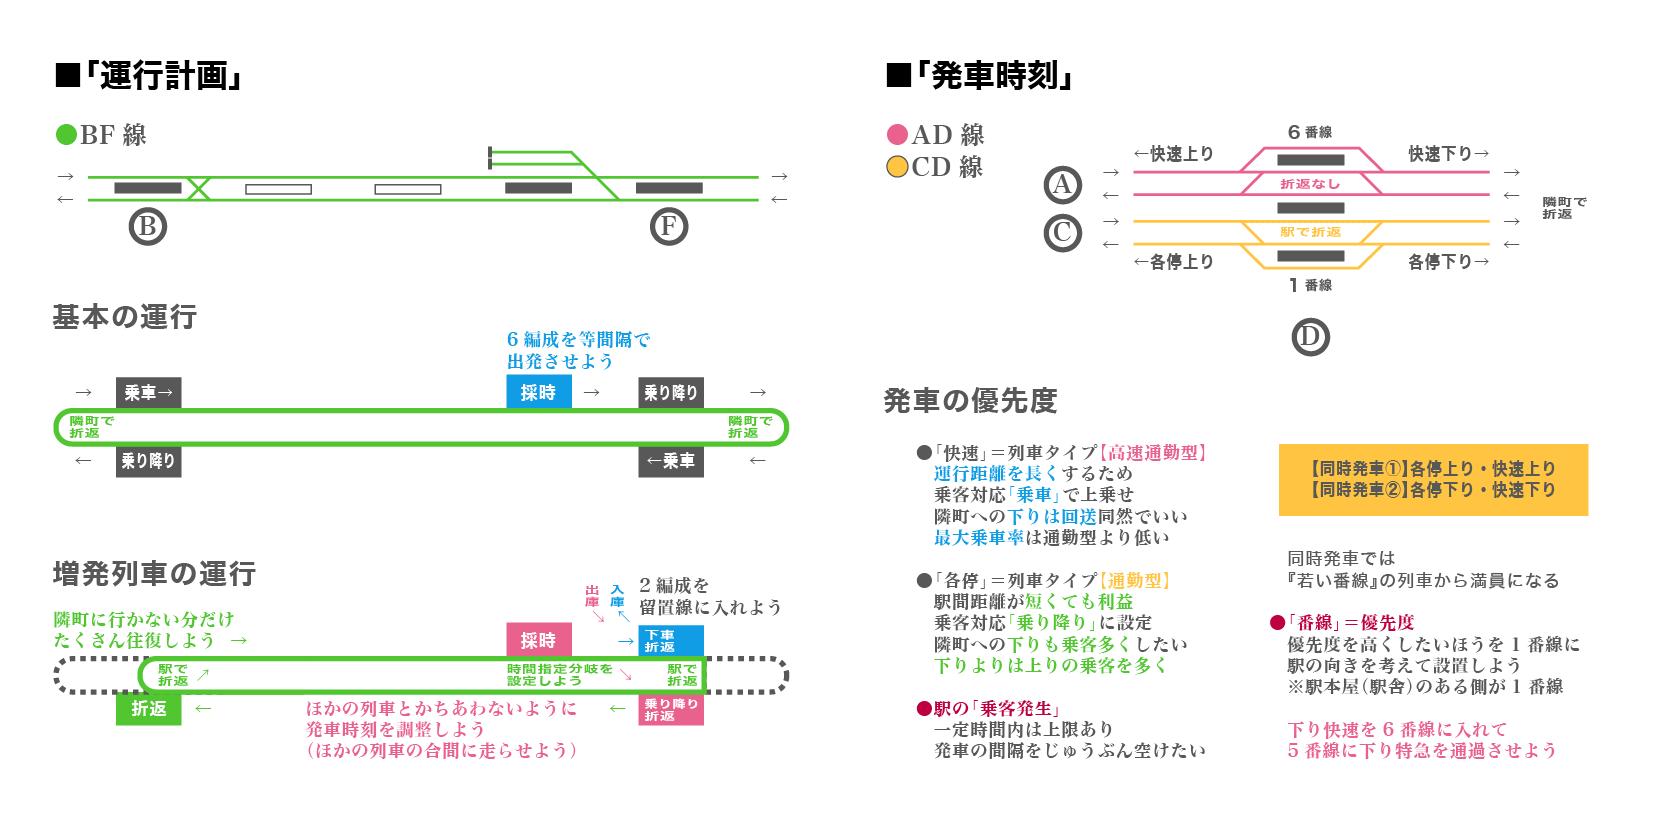 留置線・発車の優先度